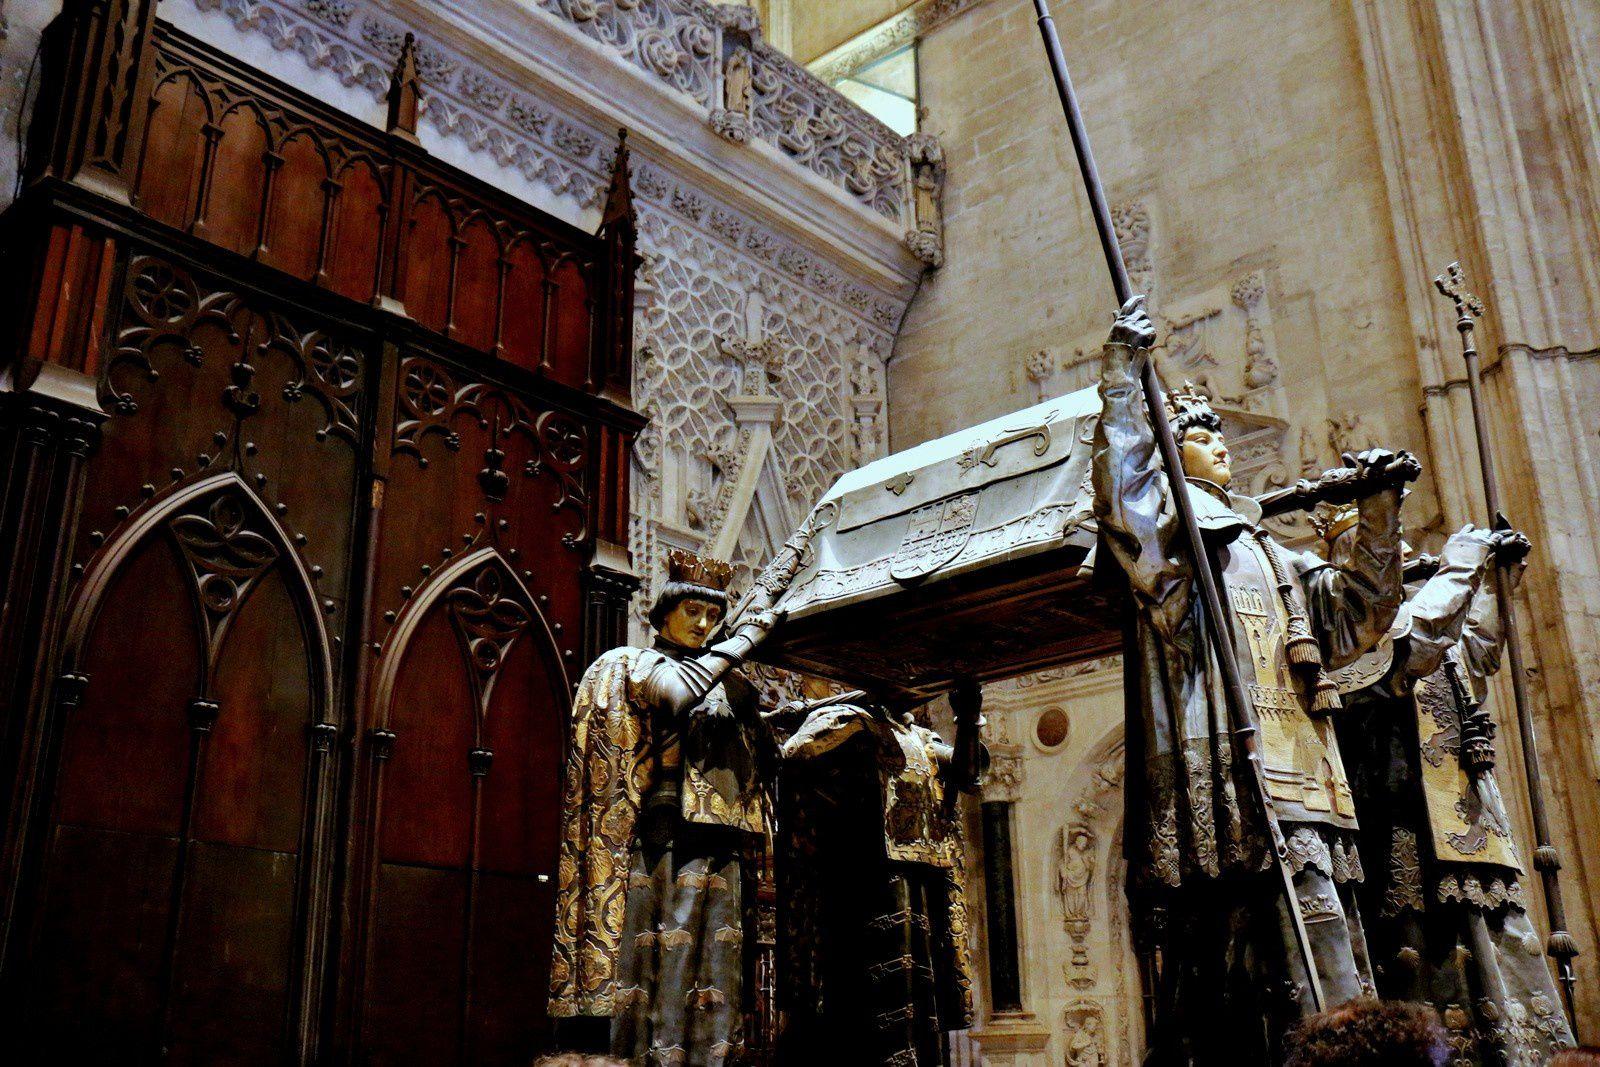 La cathédrale de Séville, mausolée de Christophe Colomb